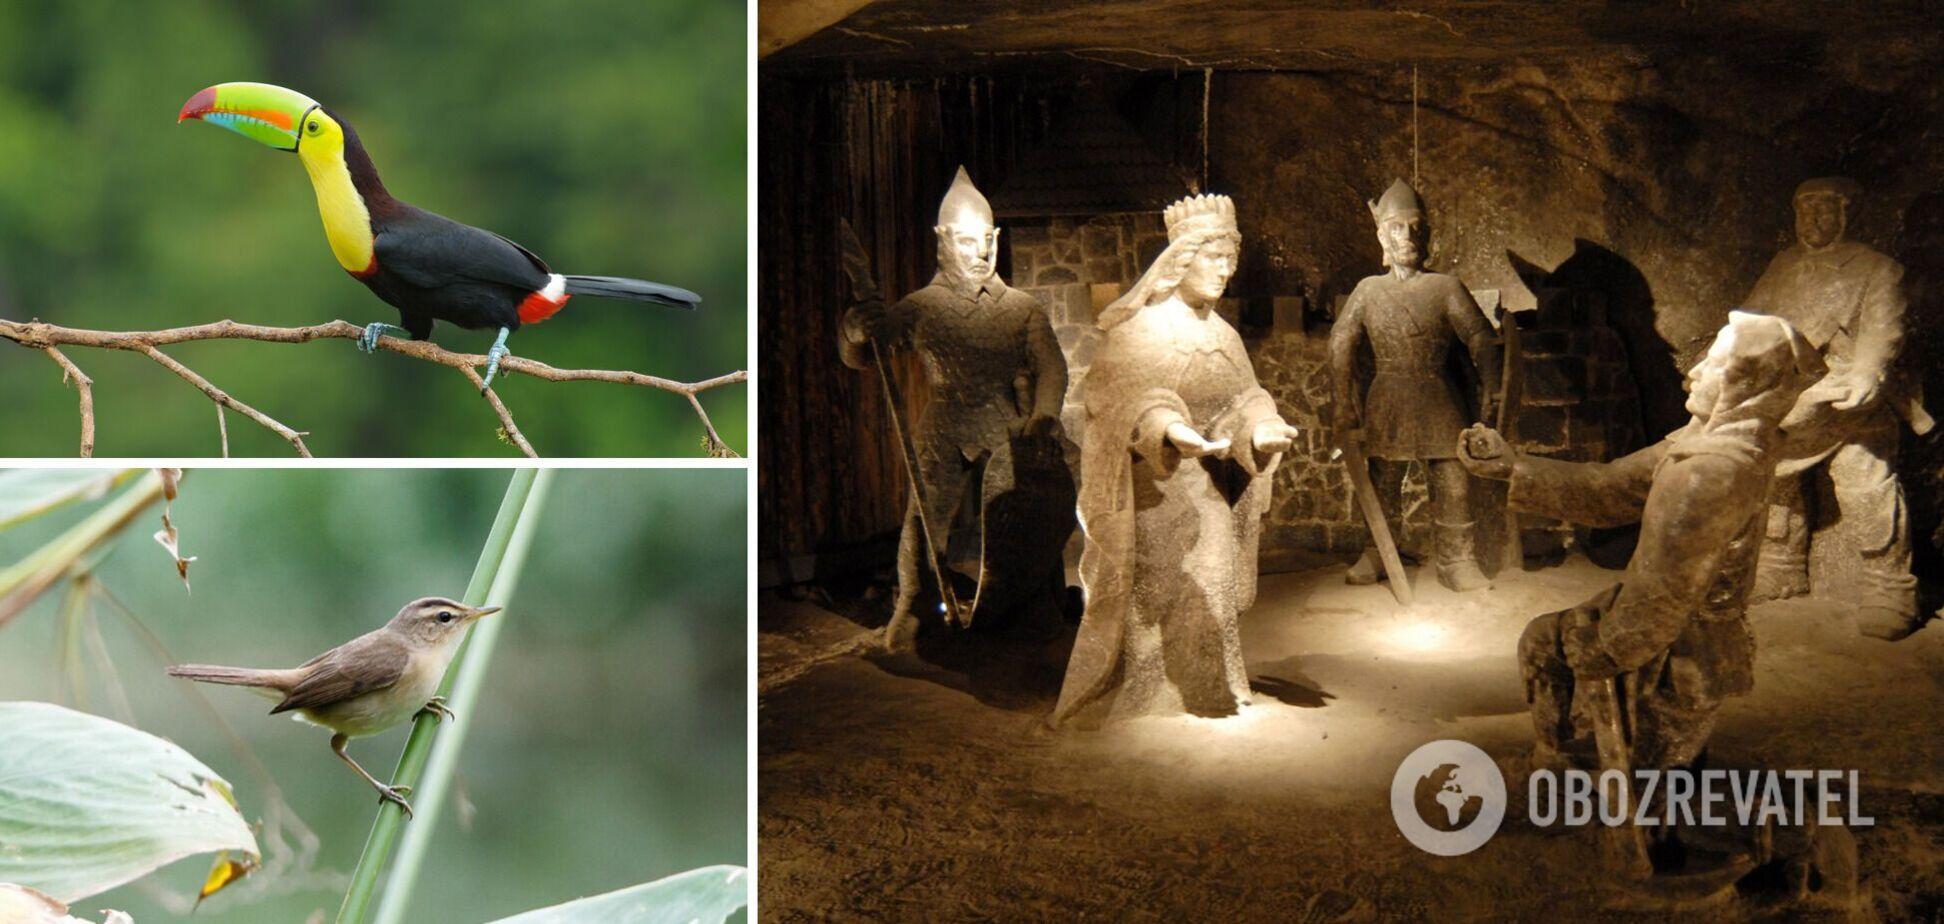 Мистическая соляная шахта, редкие животные и другие интересные факты